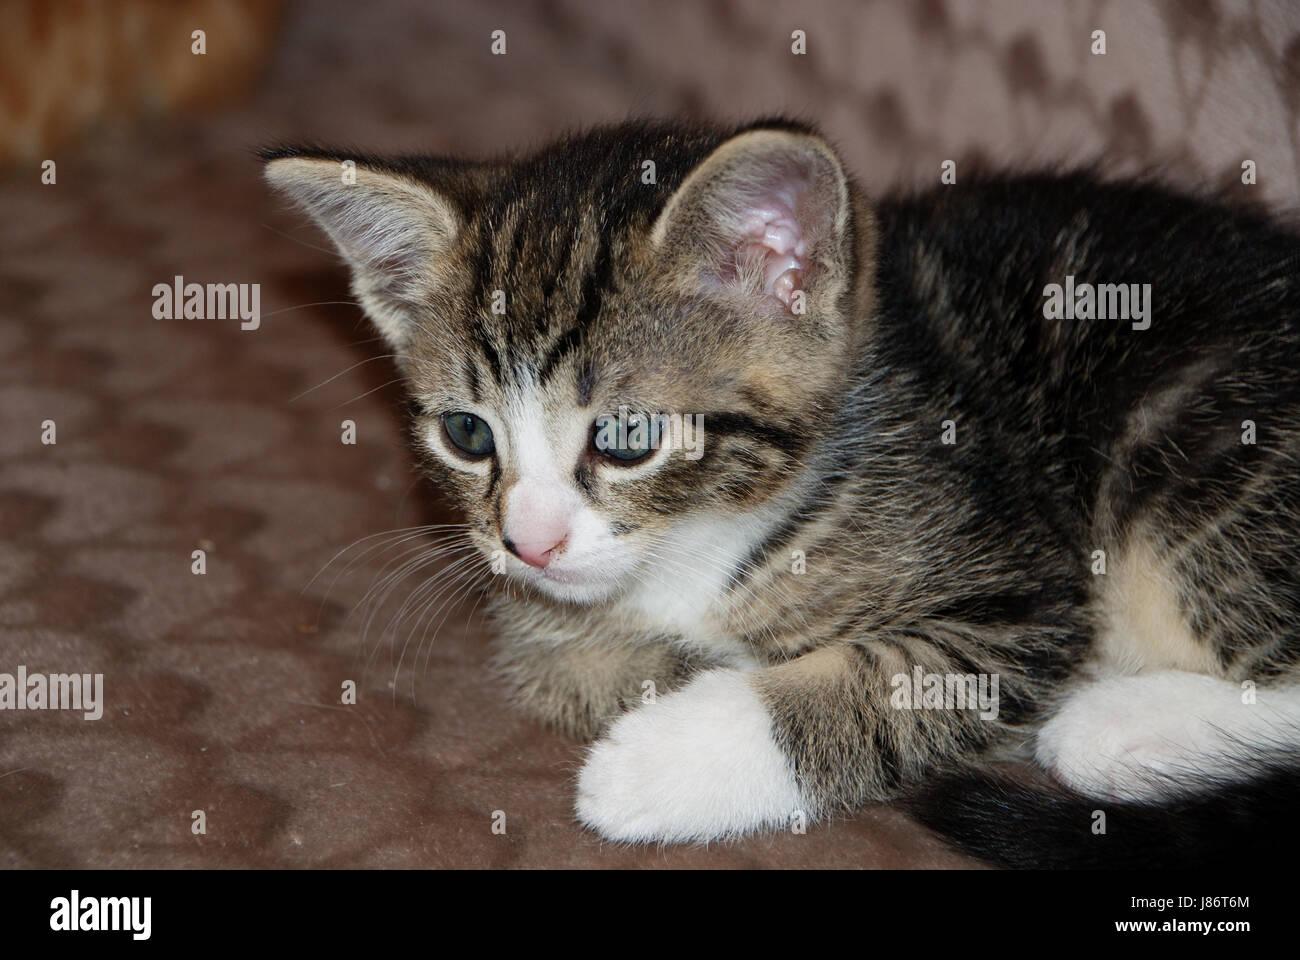 tierische junge tiere katze baby k tzchen pussycat katze. Black Bedroom Furniture Sets. Home Design Ideas